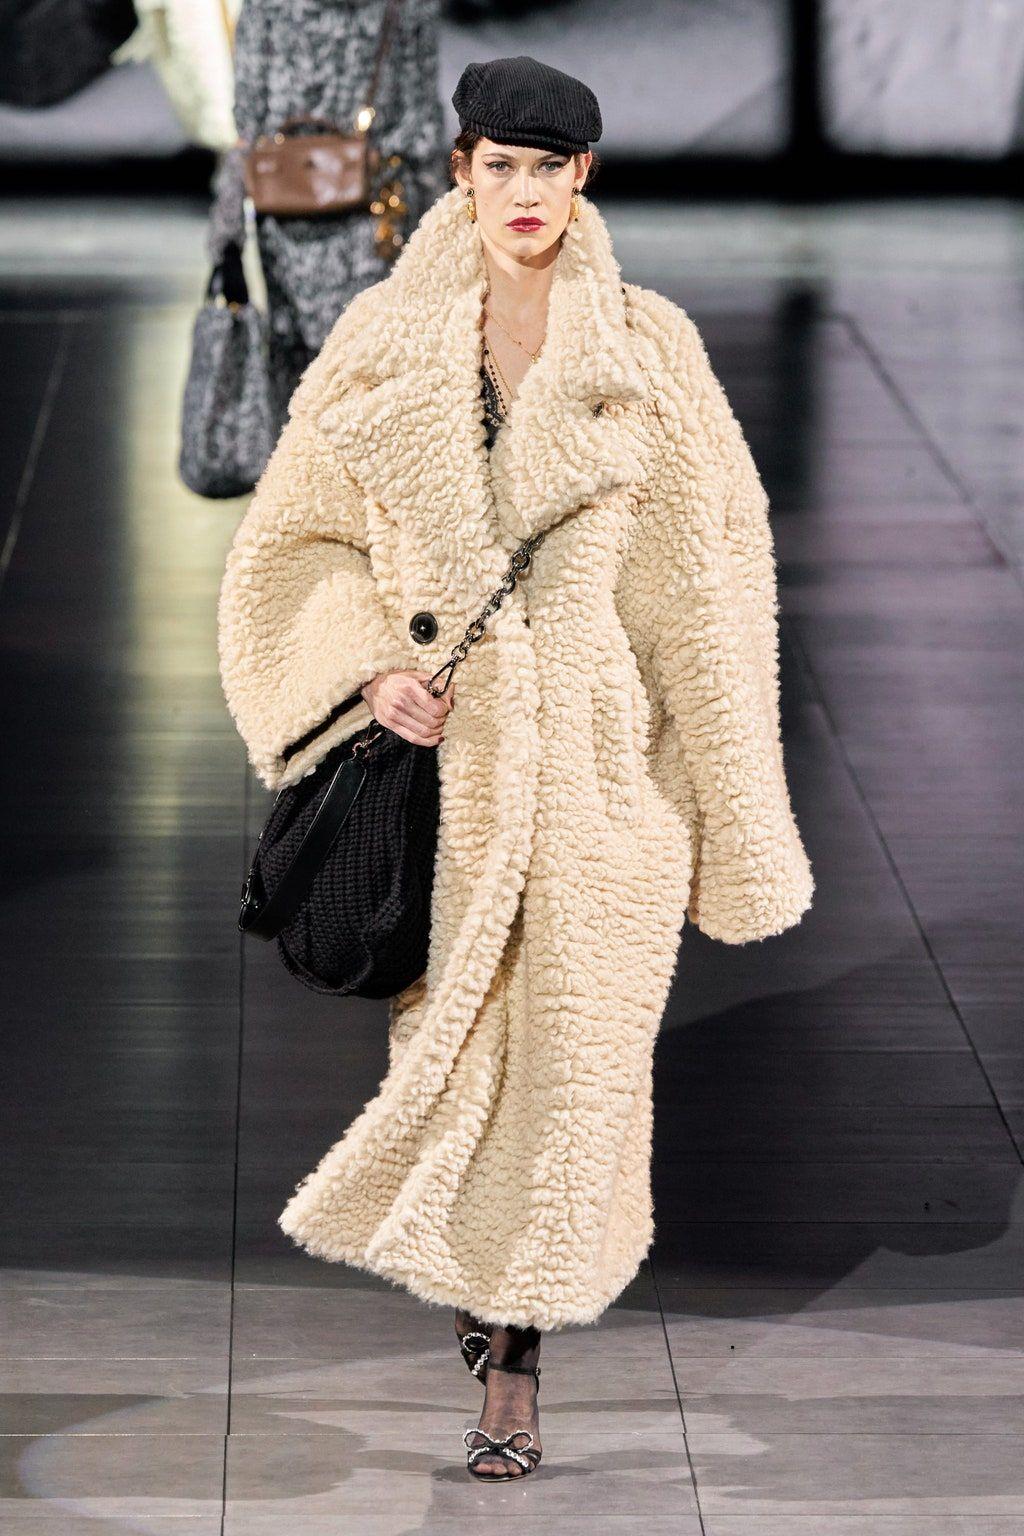 Dolce & Gabbana Herbst/Winter 2020-2021 Ready-to-Wear - Kollektion | Vogue Germany